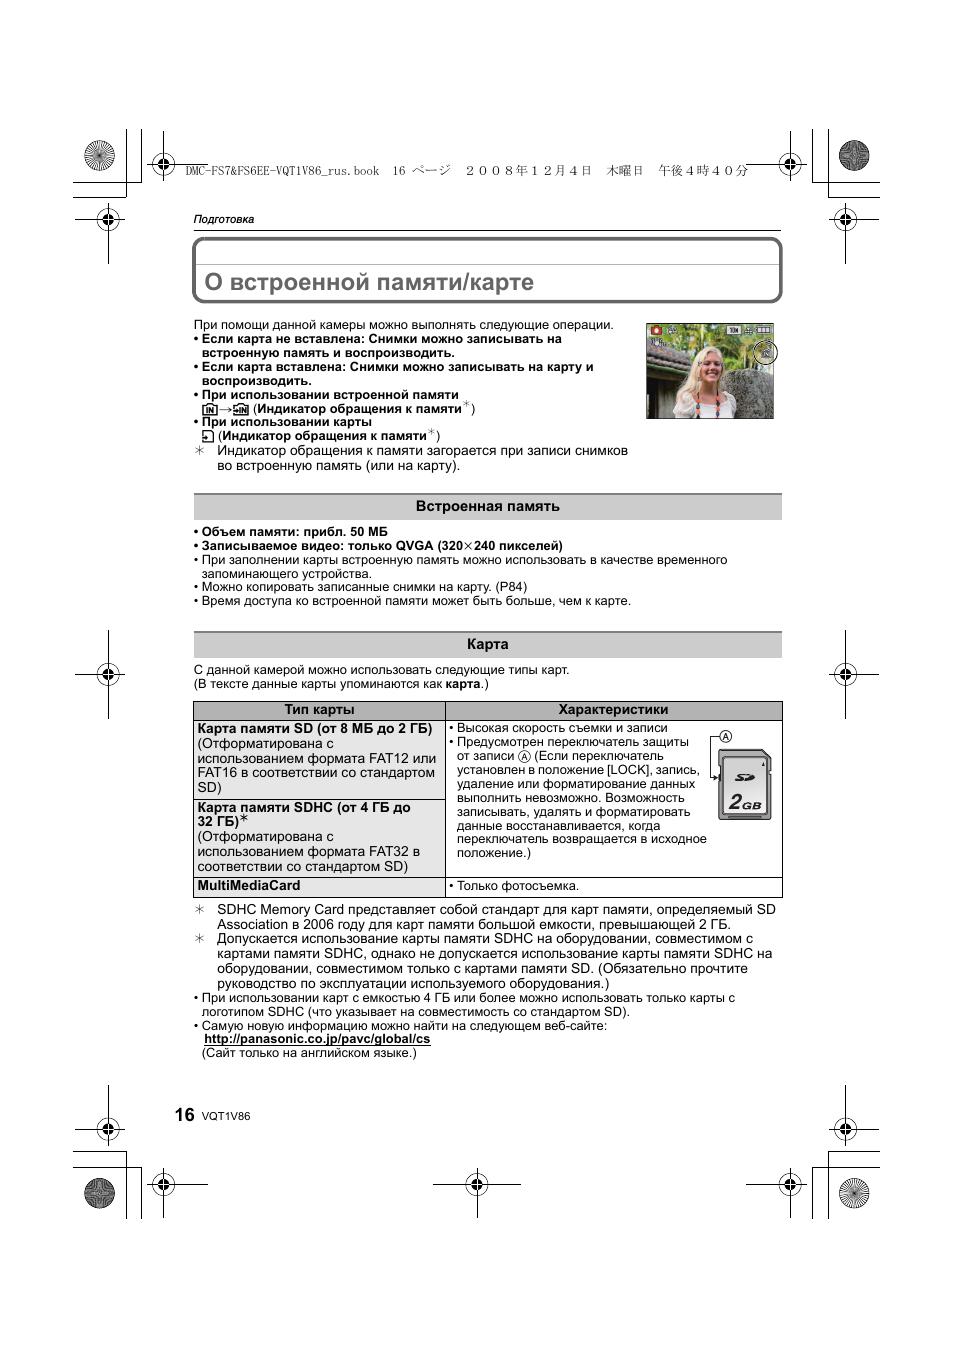 О встроенной памяти/карте, P16)